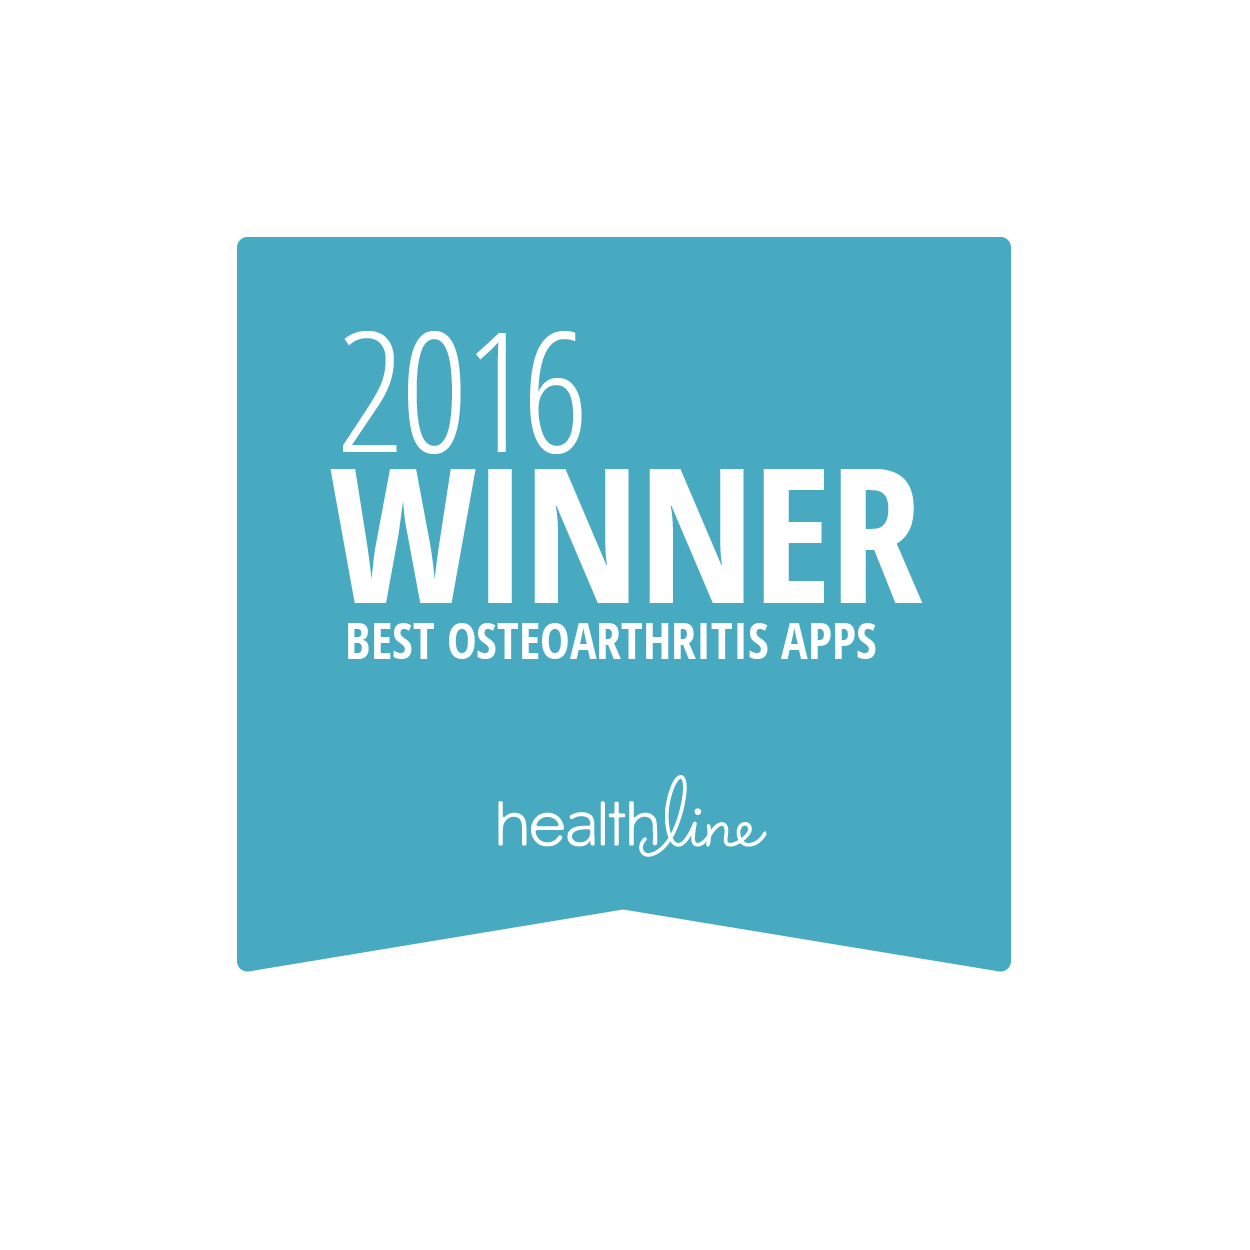 The Best Osteoarthritis Apps of 2016